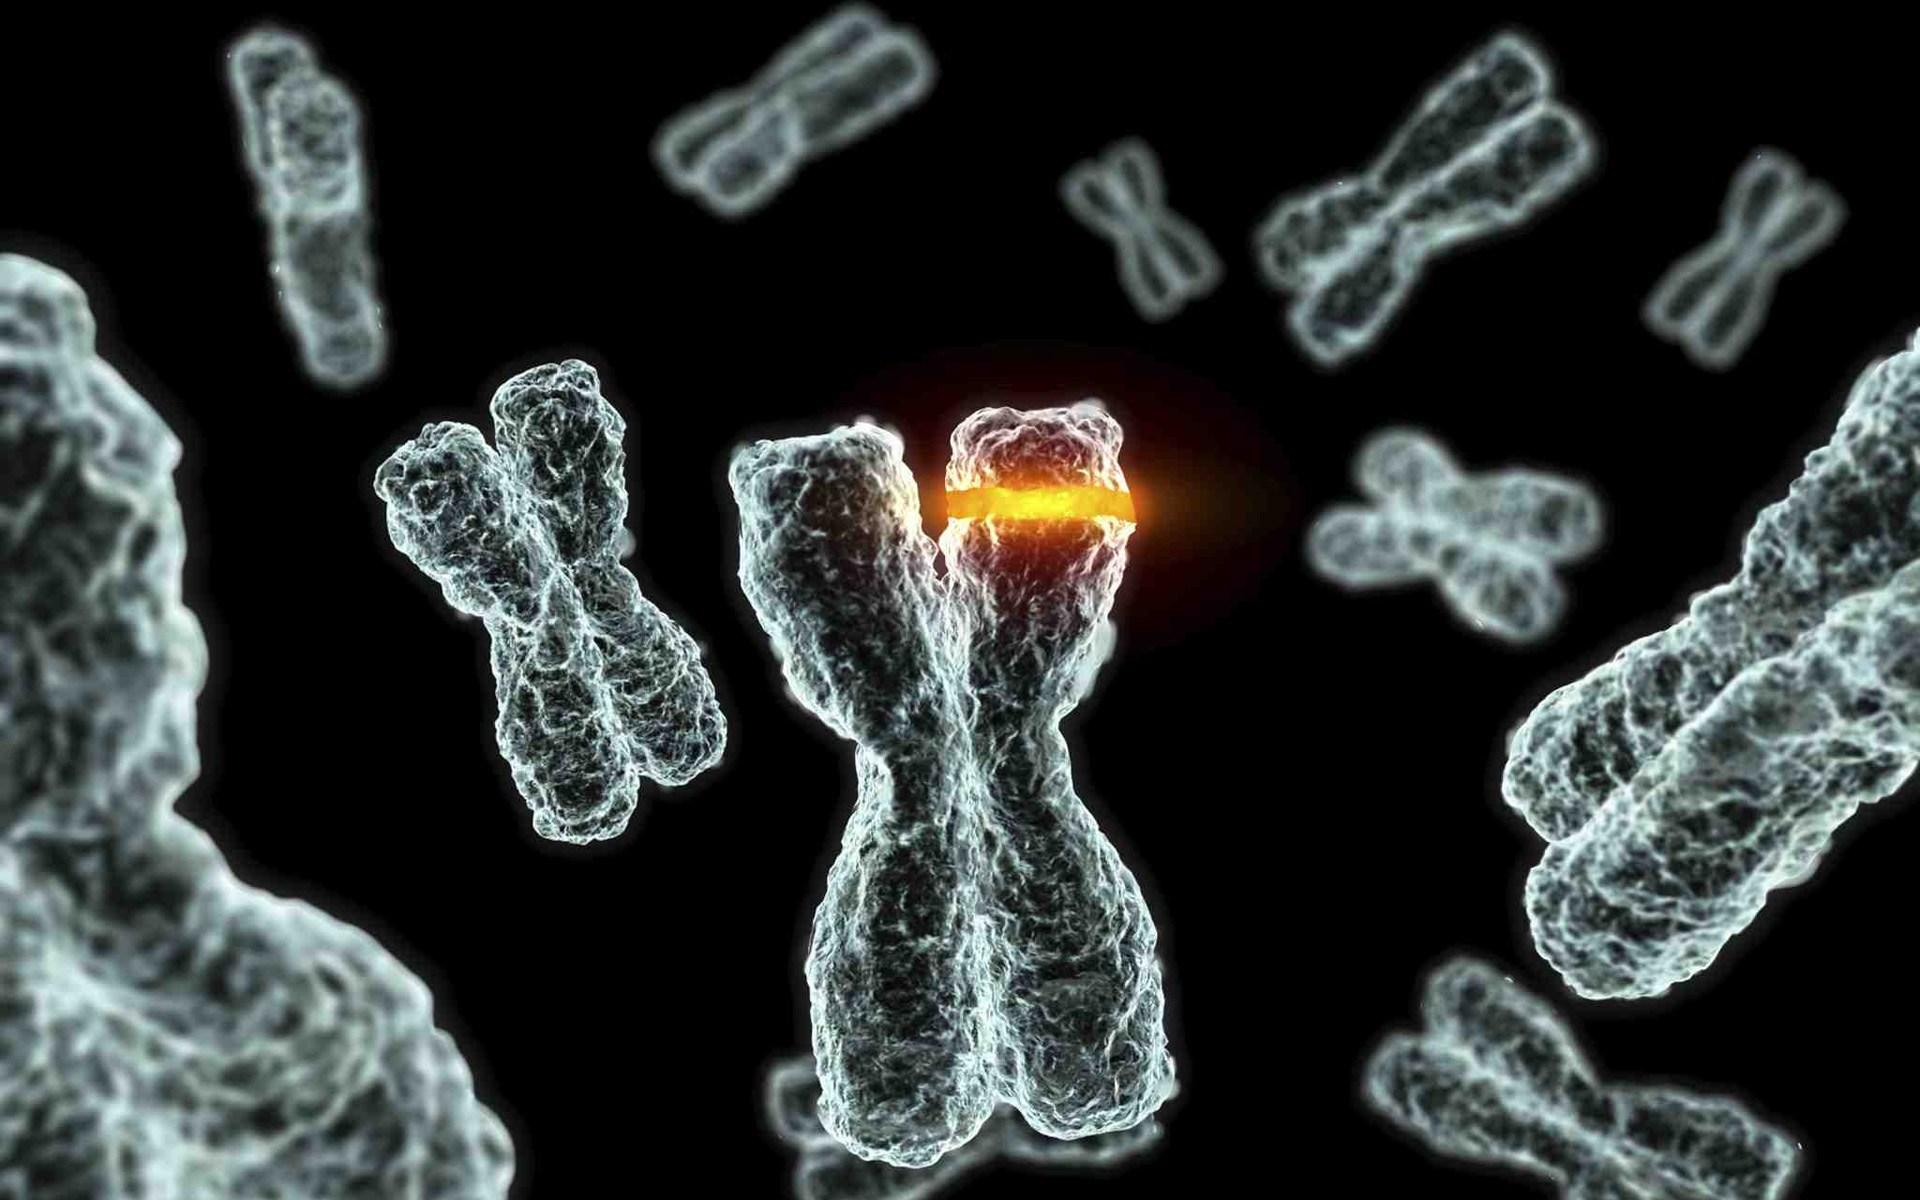 Πιθανό γενετικό υπόβαθρο της νευρικής ανορεξίας στο χρωμόσωμα 12